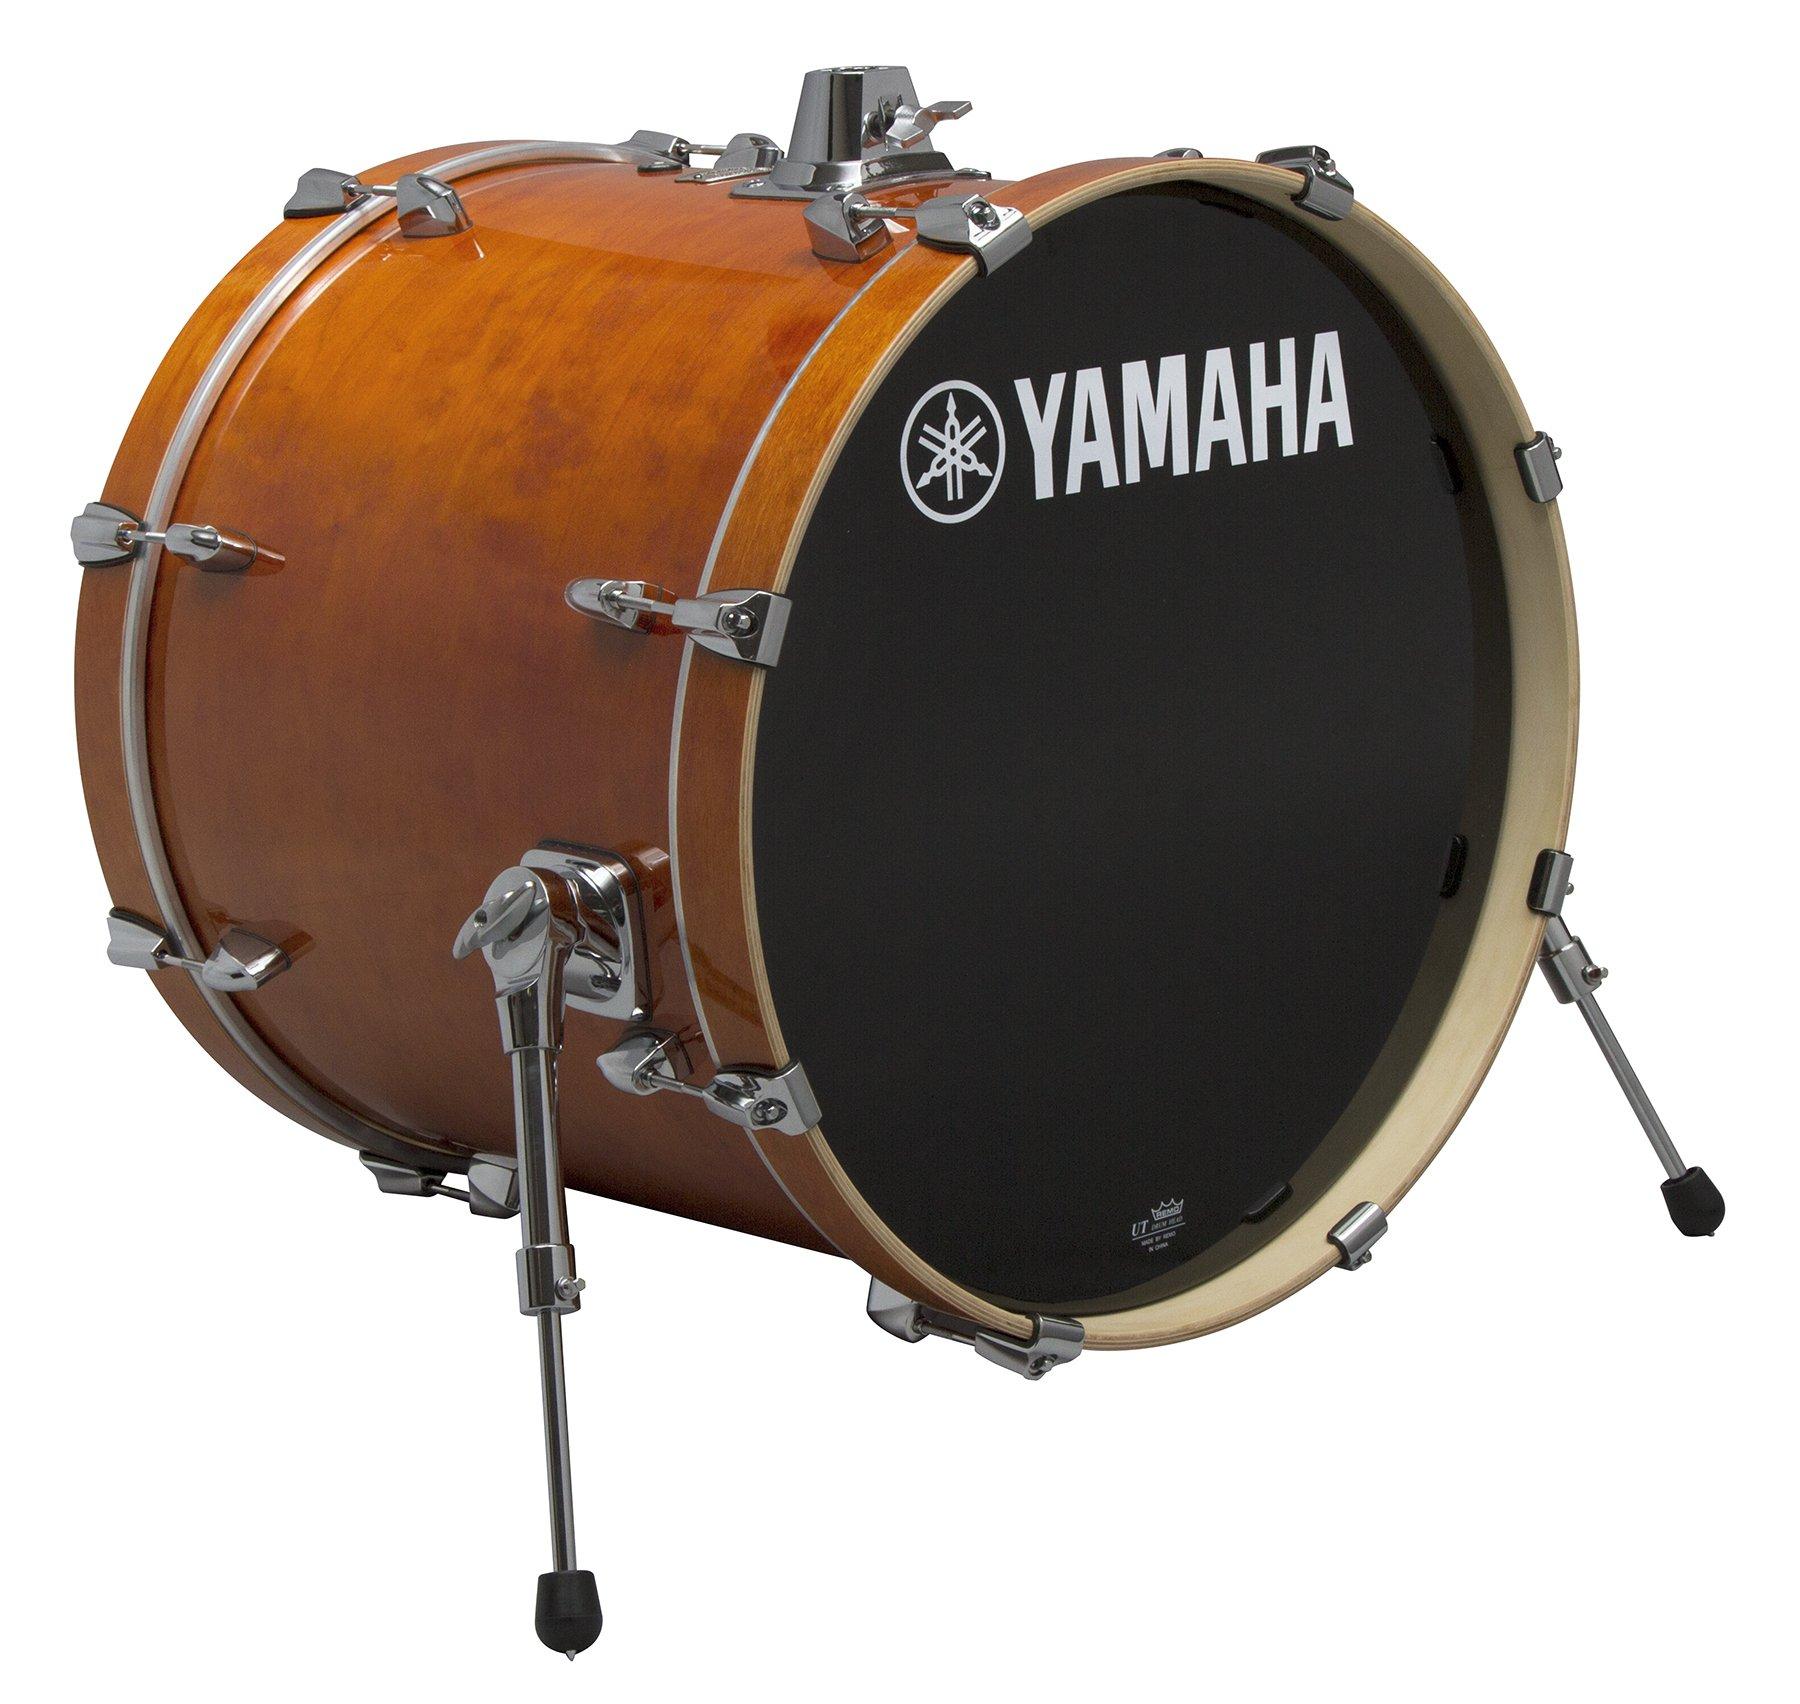 Yamaha Stage Custom Birch 18x15 Bass Drum, Honey Amber